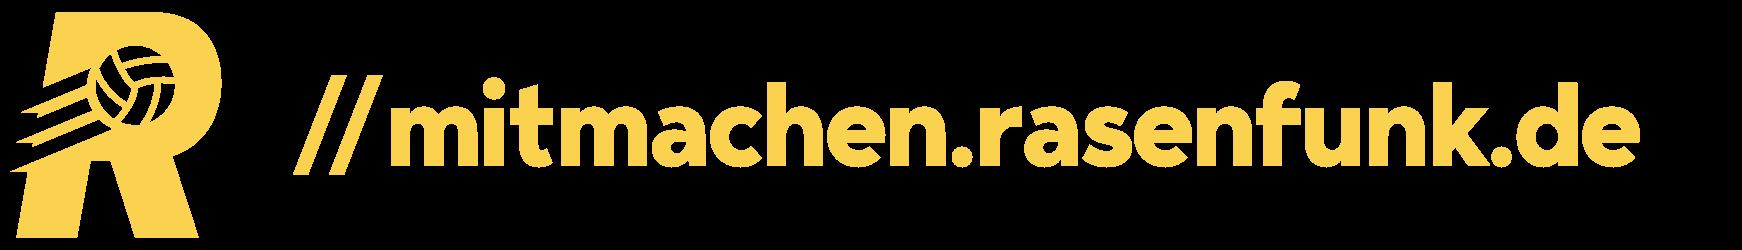 Rasenfunk.de Mitmachen